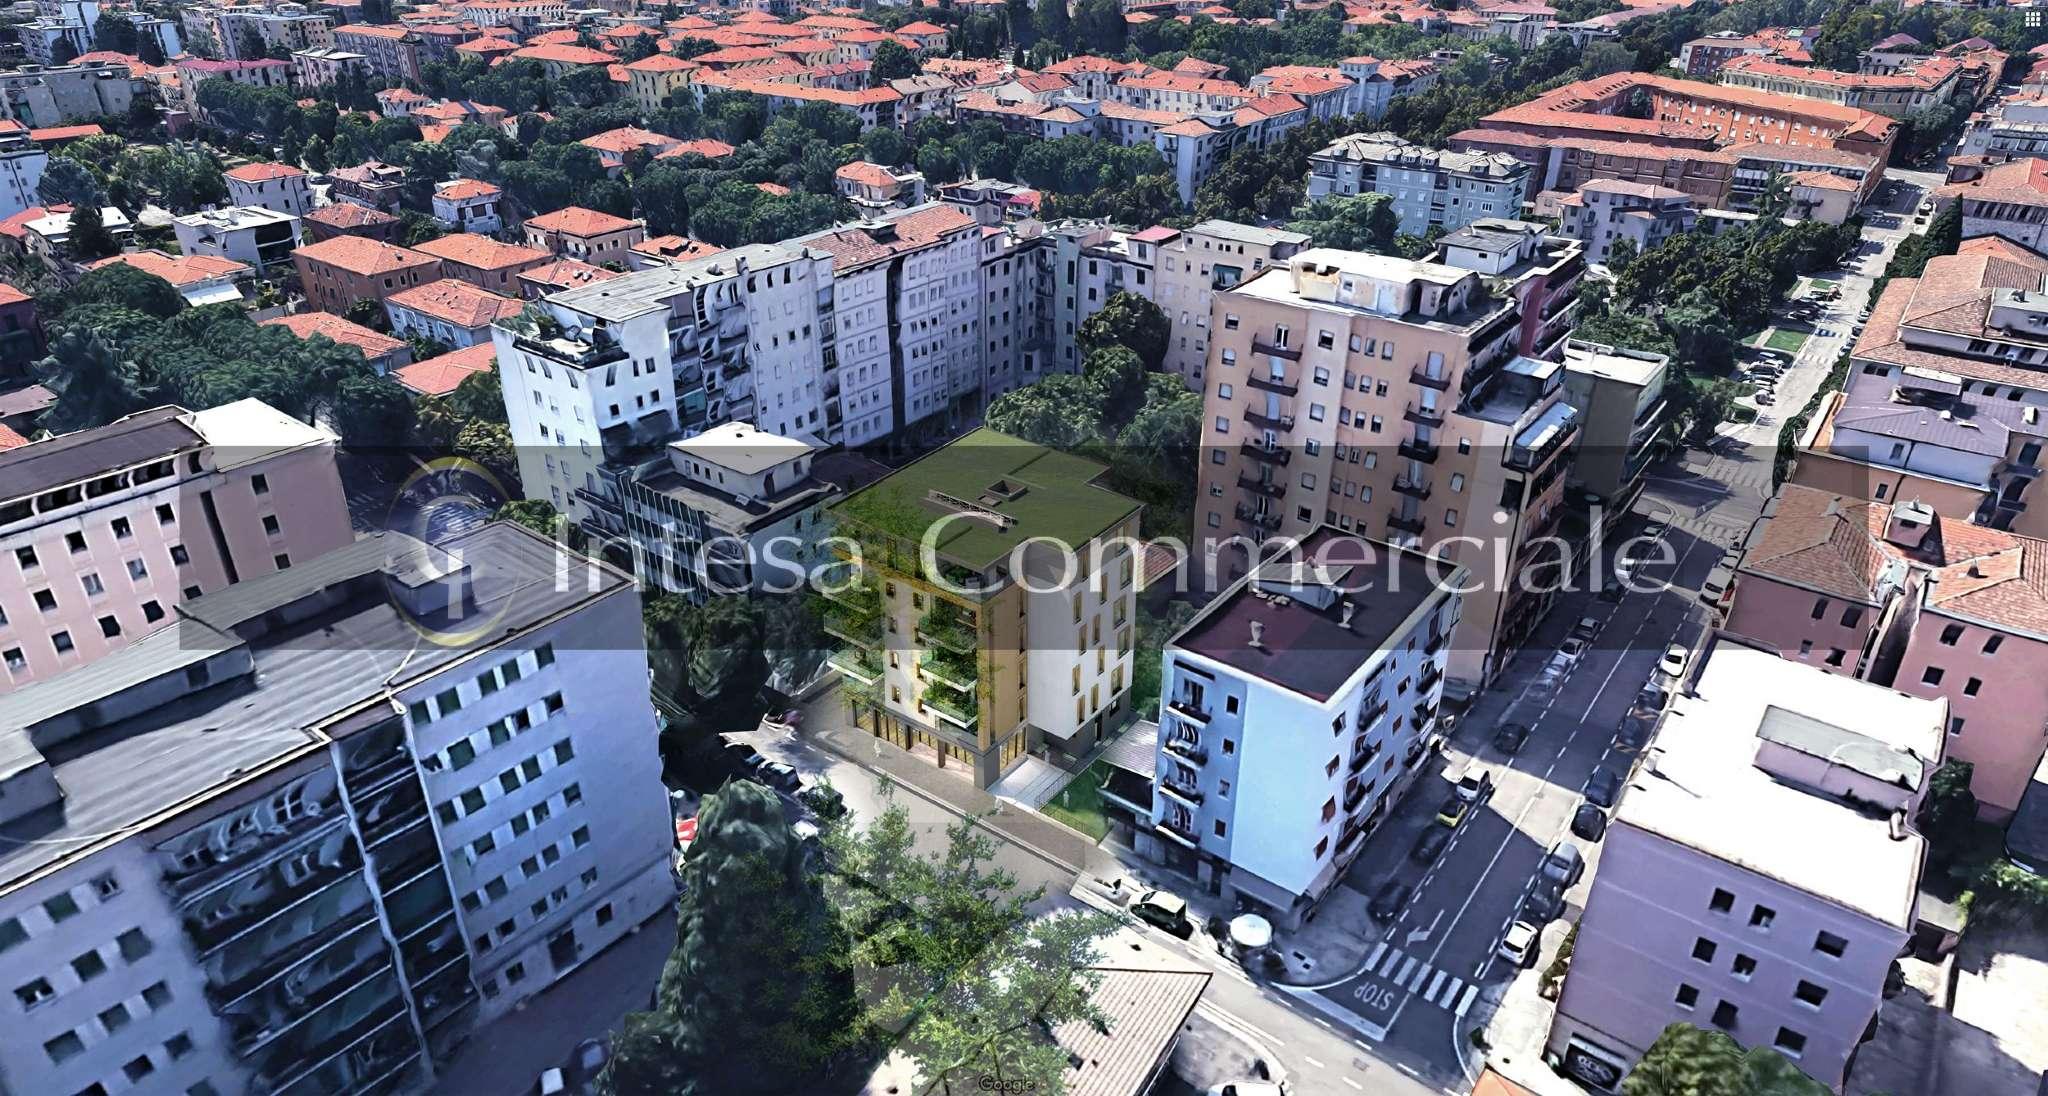 Attico / Mansarda in vendita a Brescia, 4 locali, prezzo € 800.000 | PortaleAgenzieImmobiliari.it